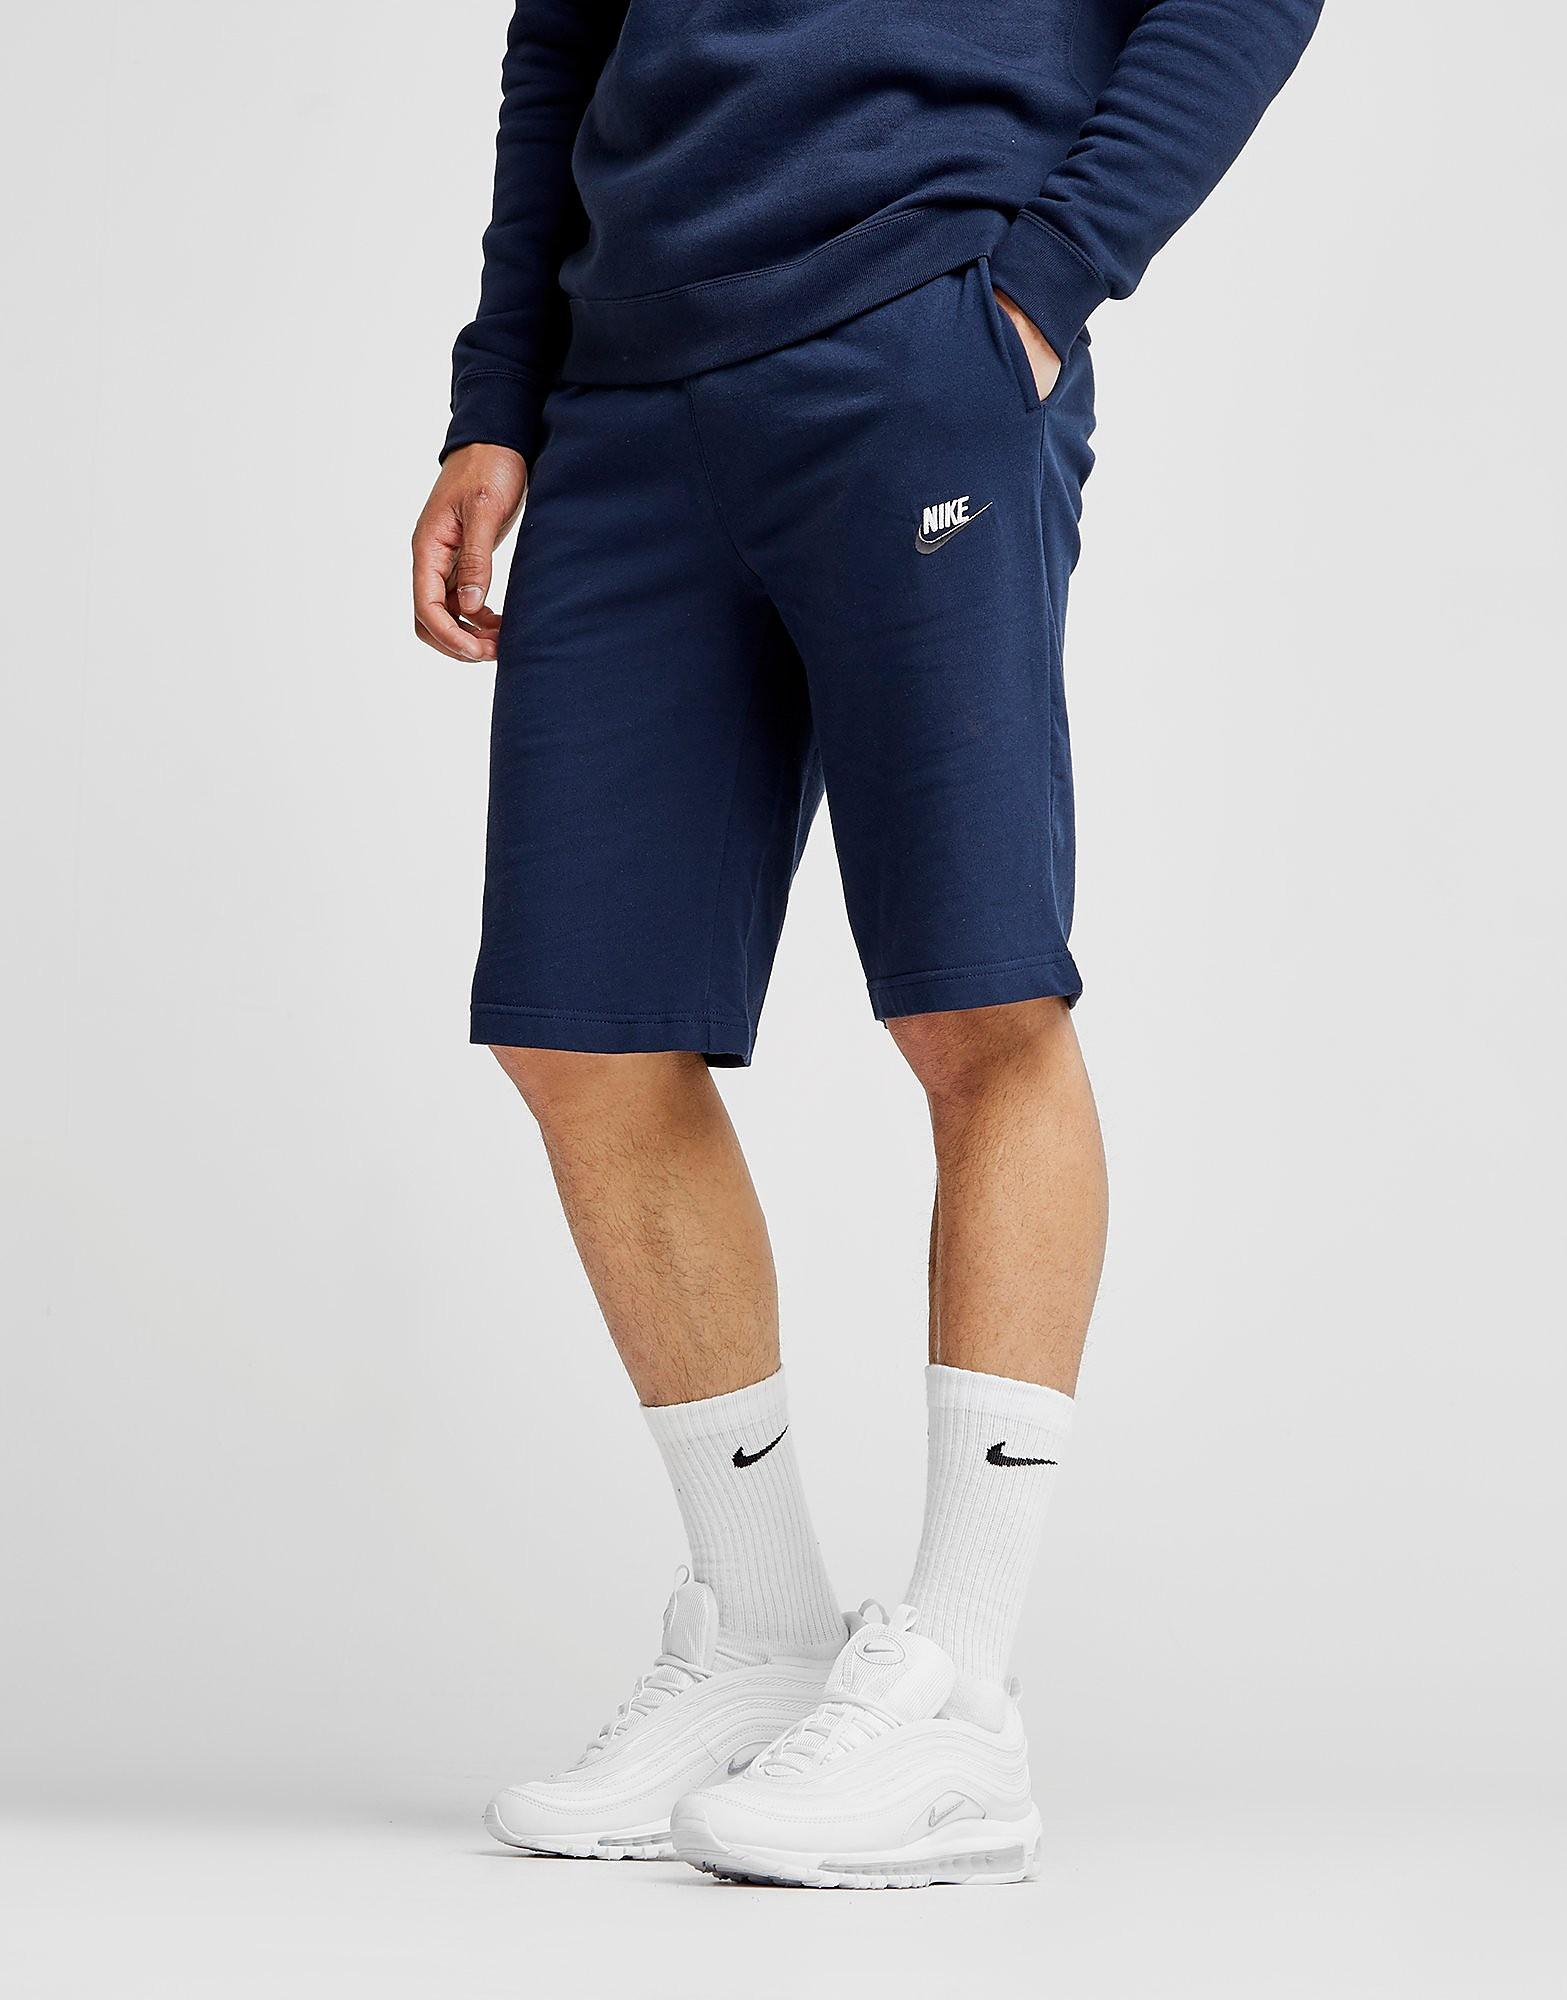 Nike Foundation 2 Shorts